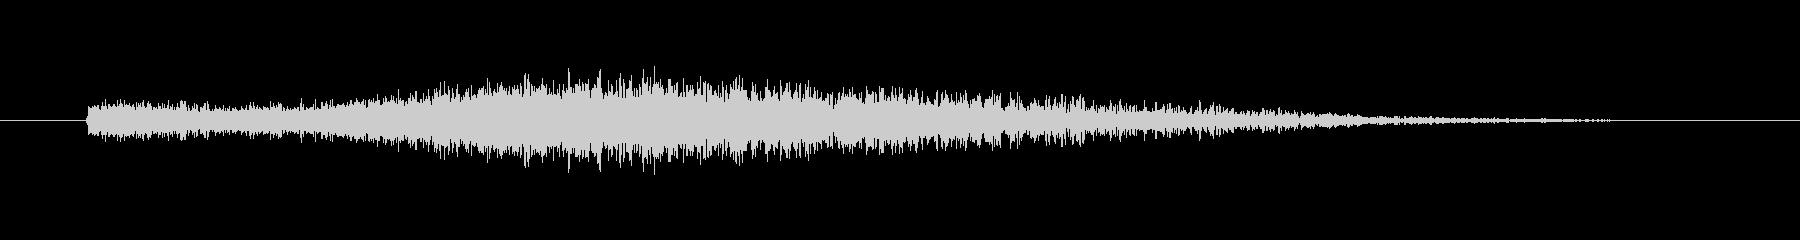 【ガキーン】インパクトのある派手な金属音の未再生の波形